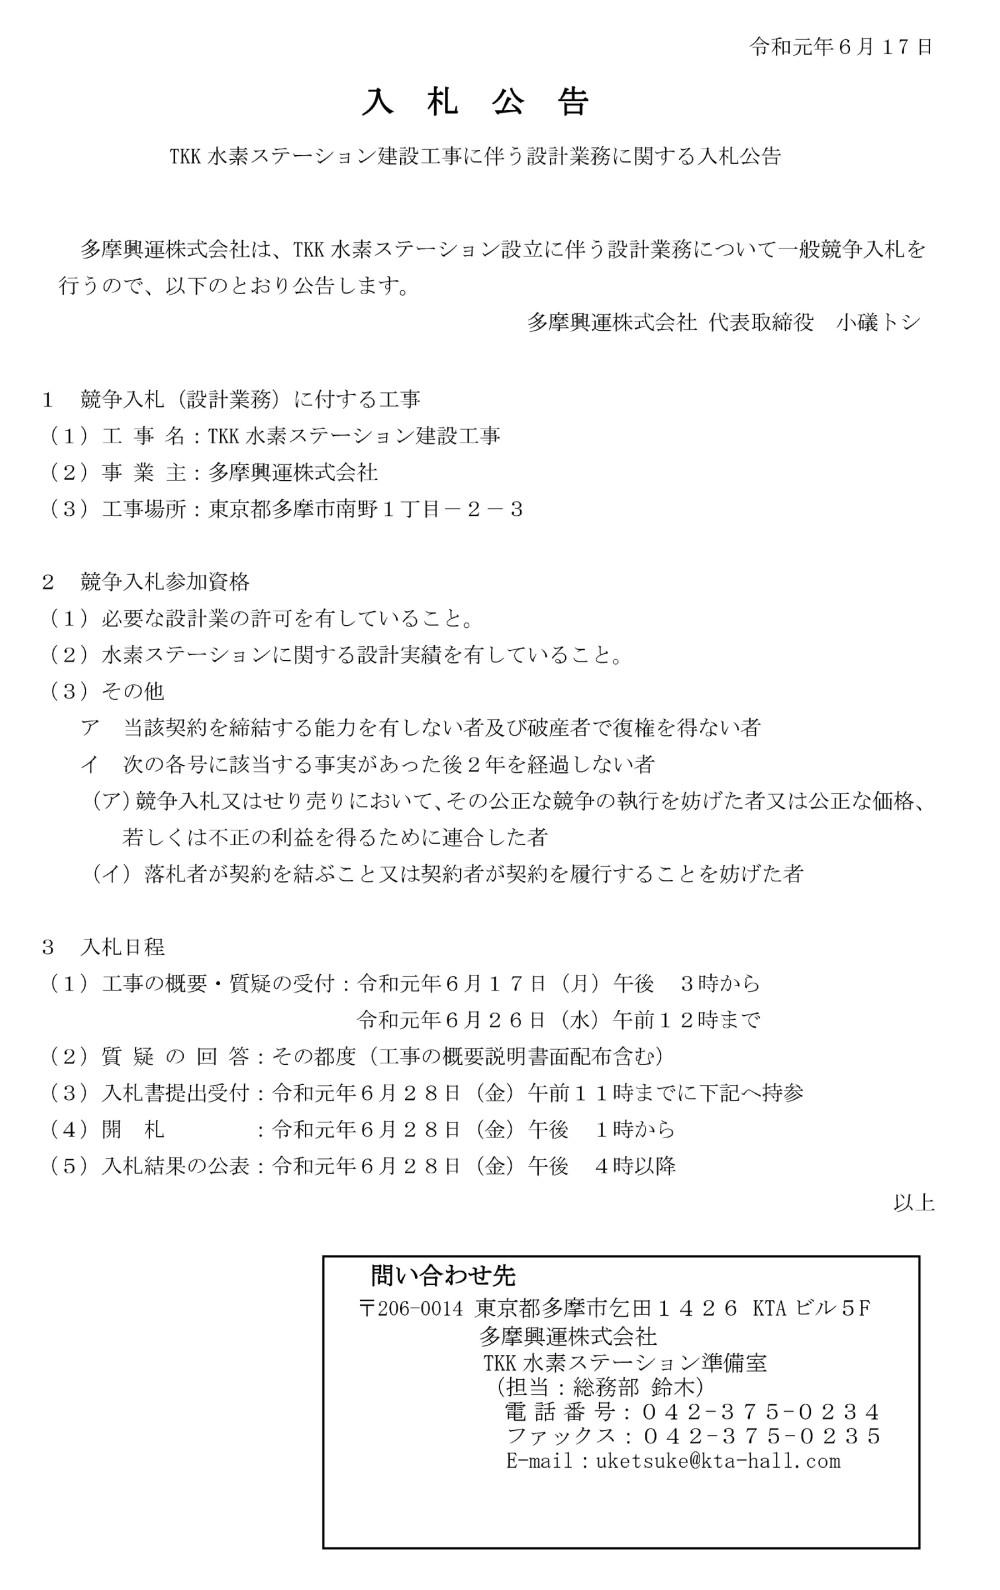 ホームページ(設計入札公告)